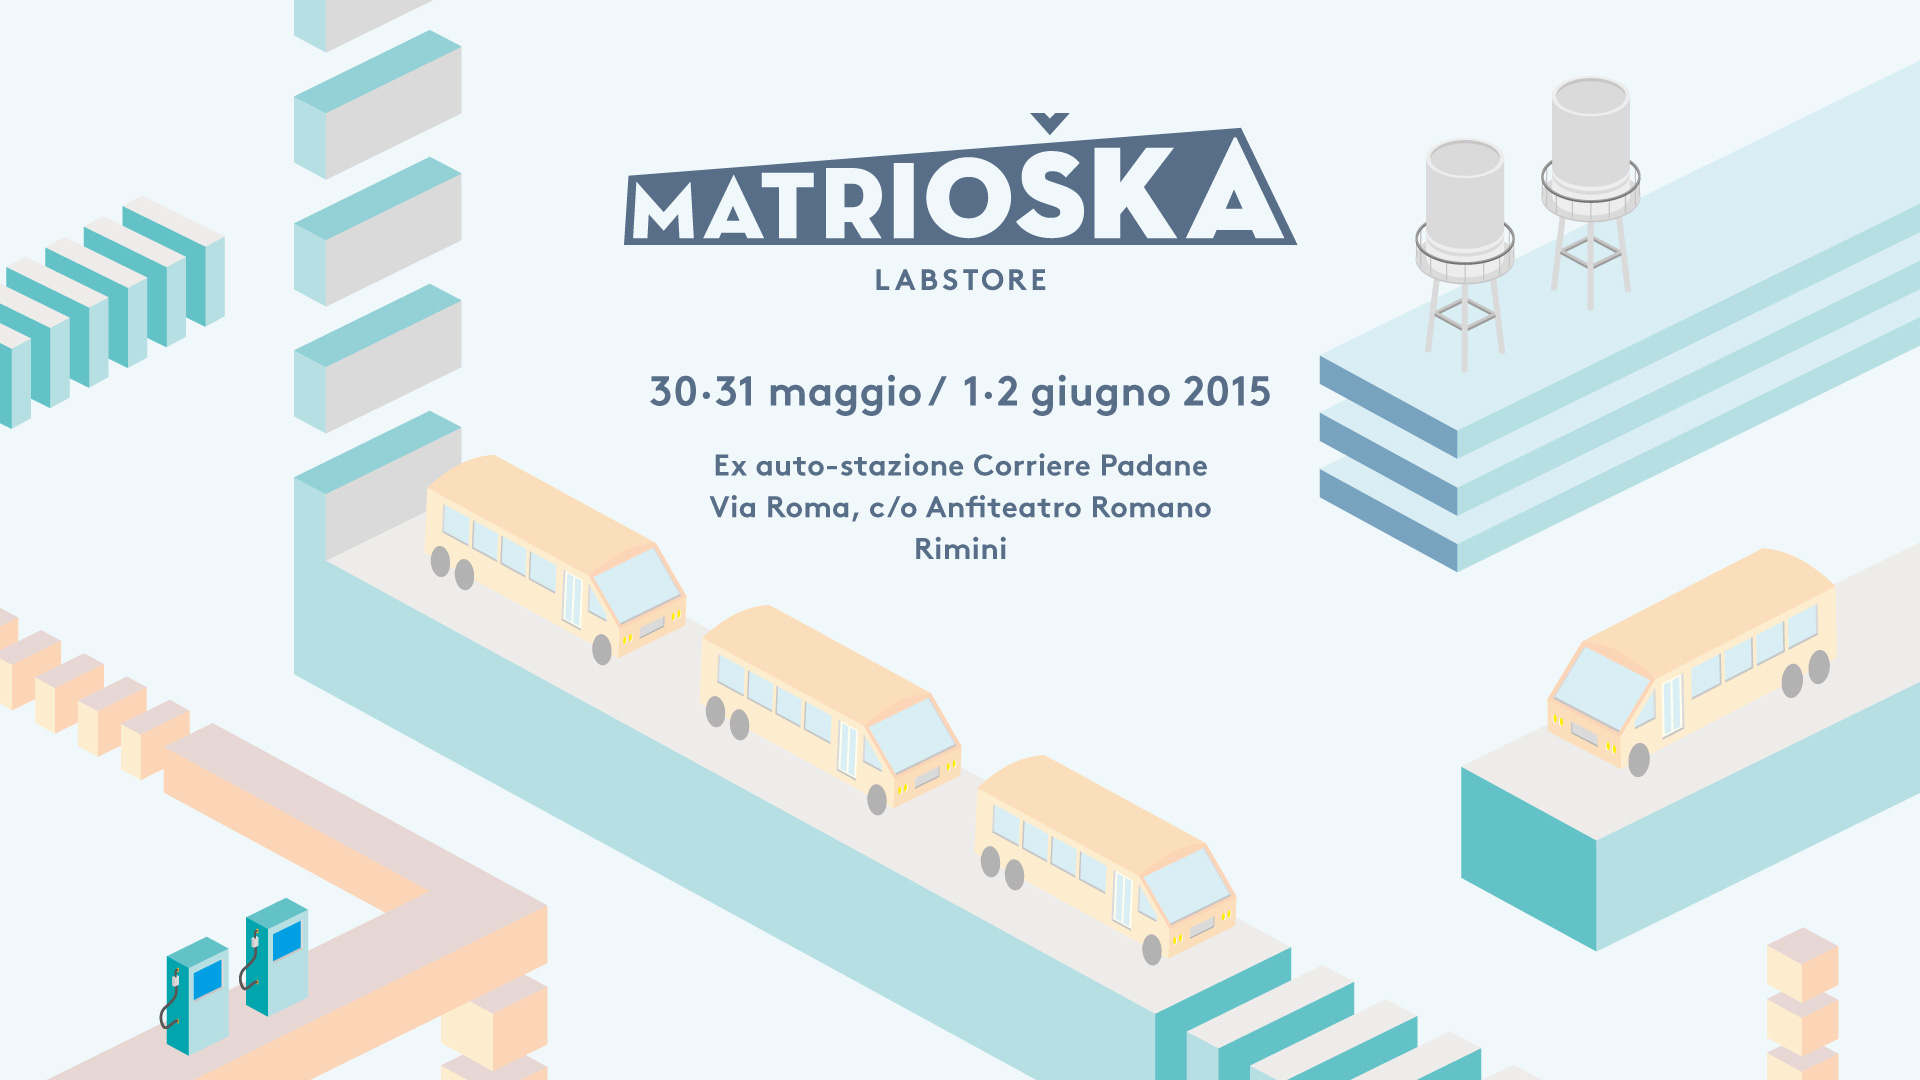 Matrioska labstore Rimini | edizione #7 30-31 maggio / 1-2 giugno 2015